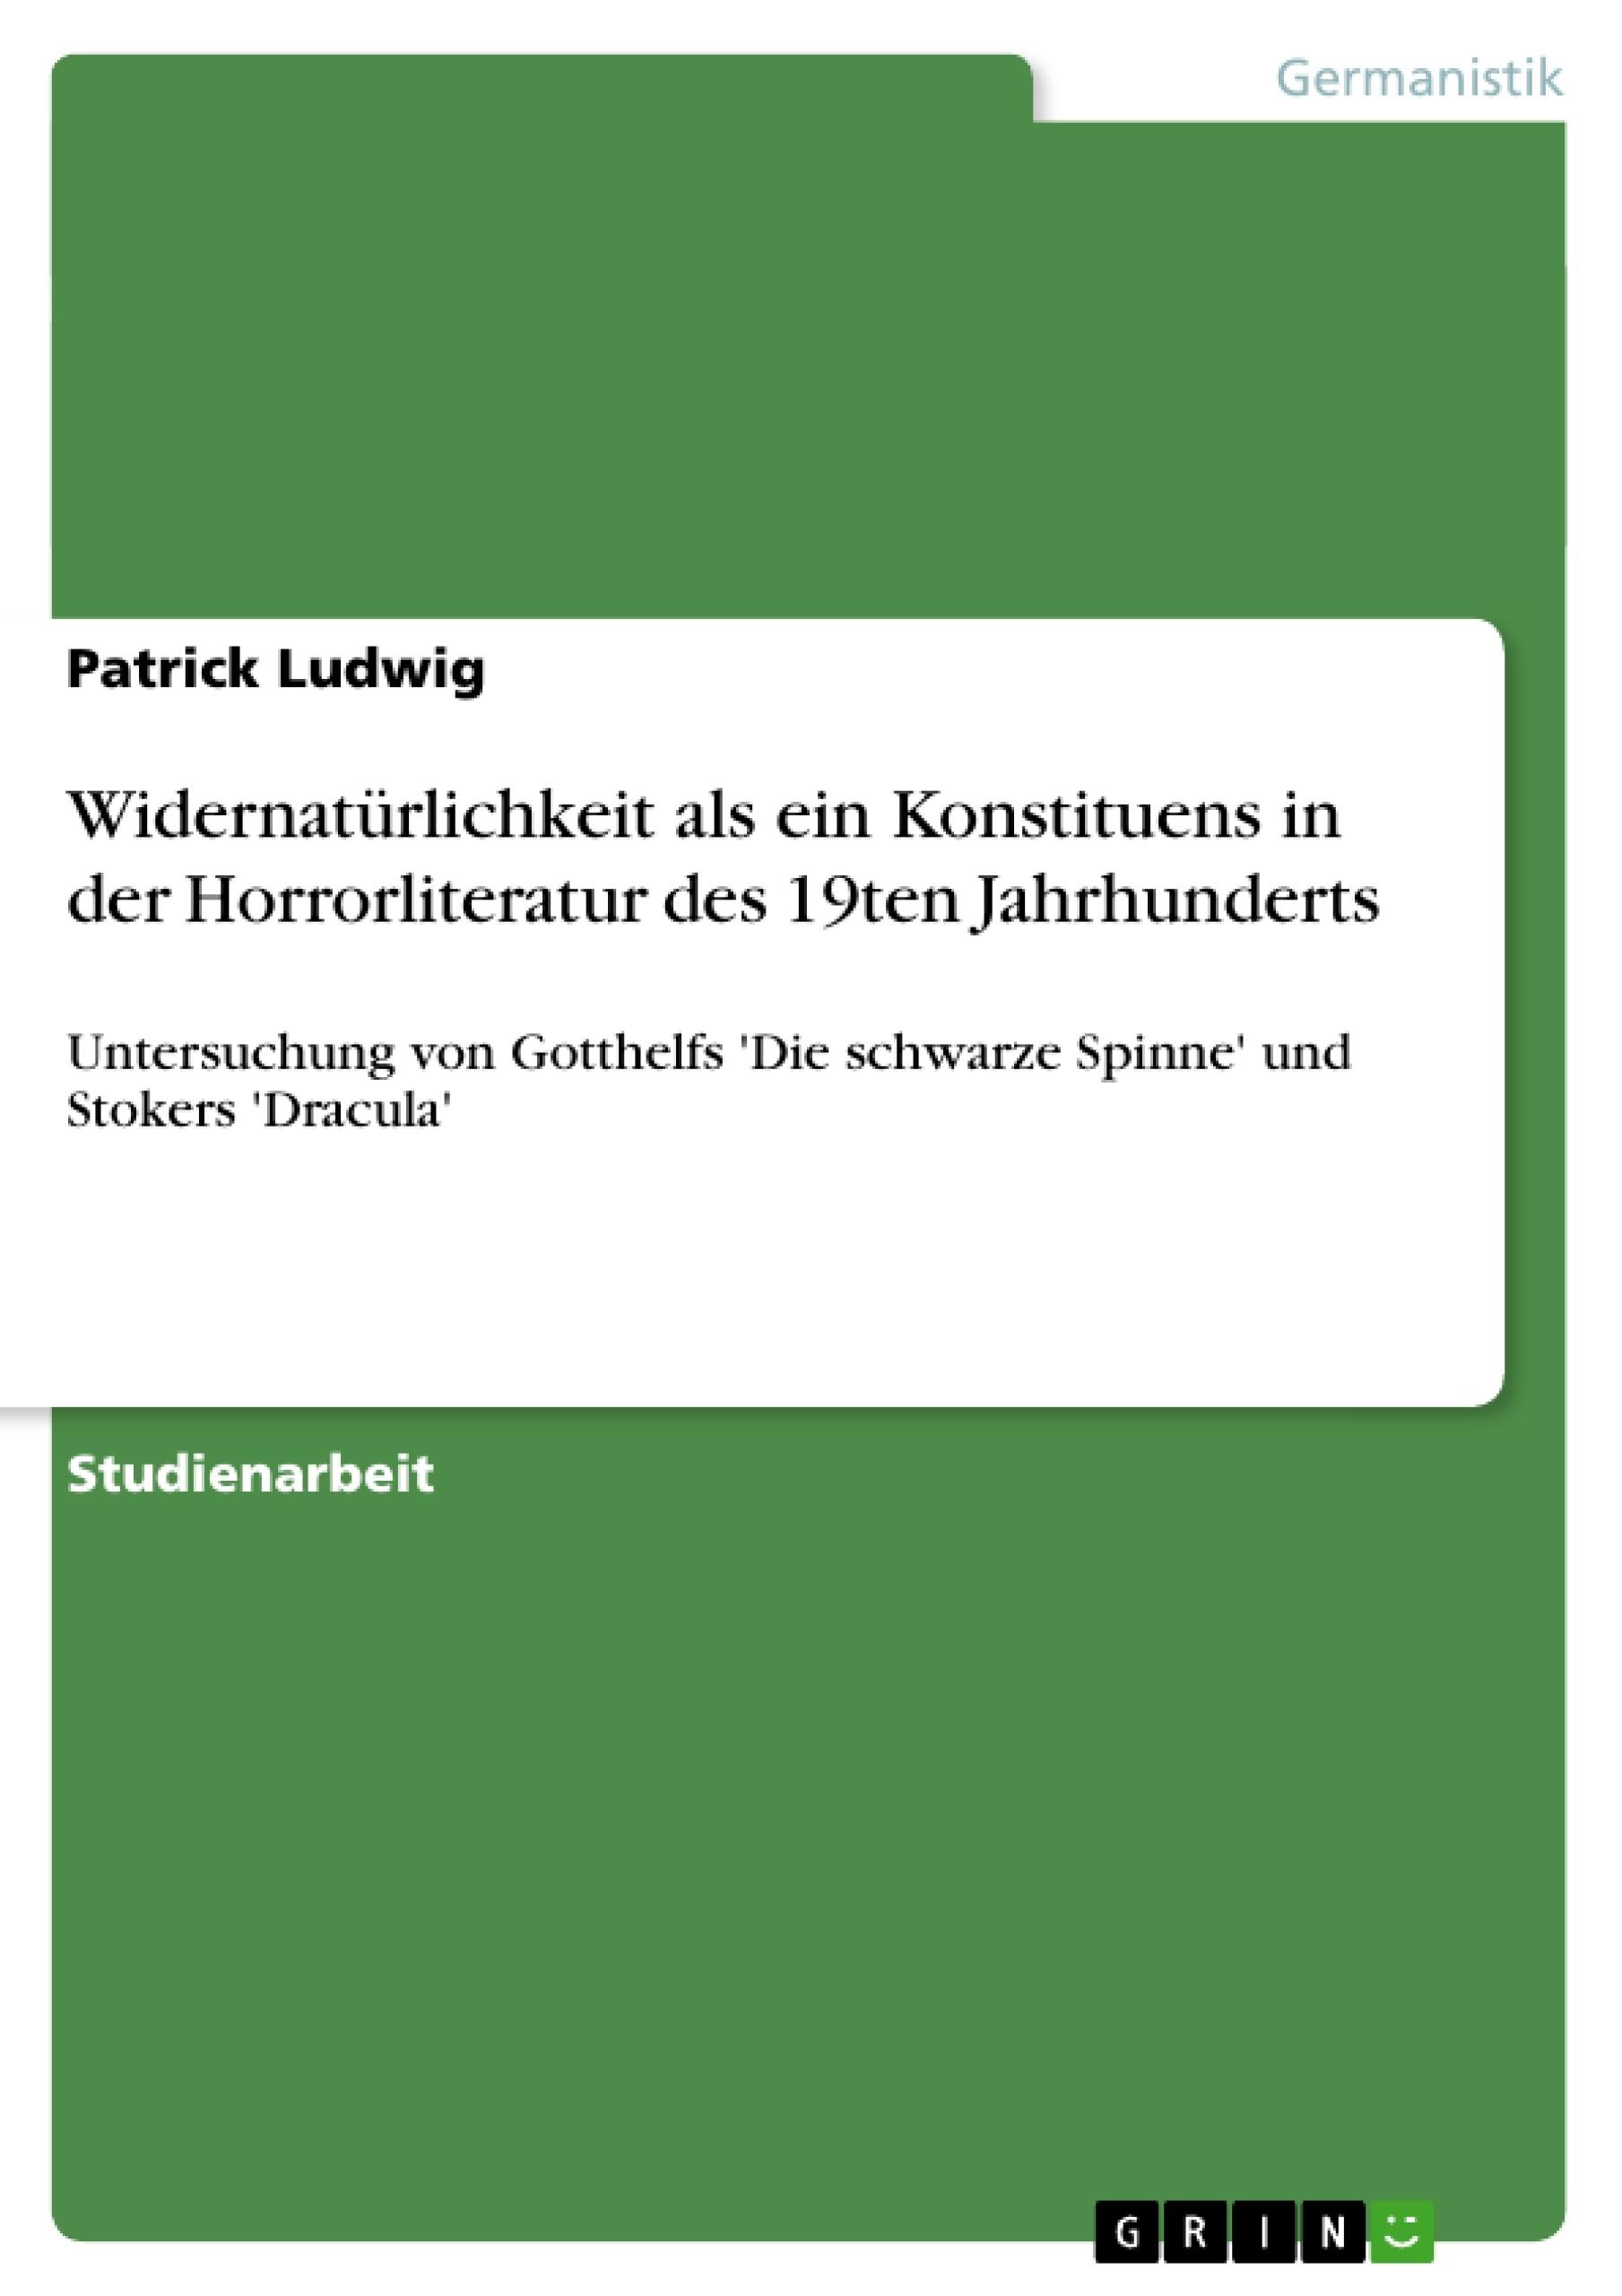 Titel: Widernatürlichkeit als ein Konstituens in der Horrorliteratur  des 19ten Jahrhunderts